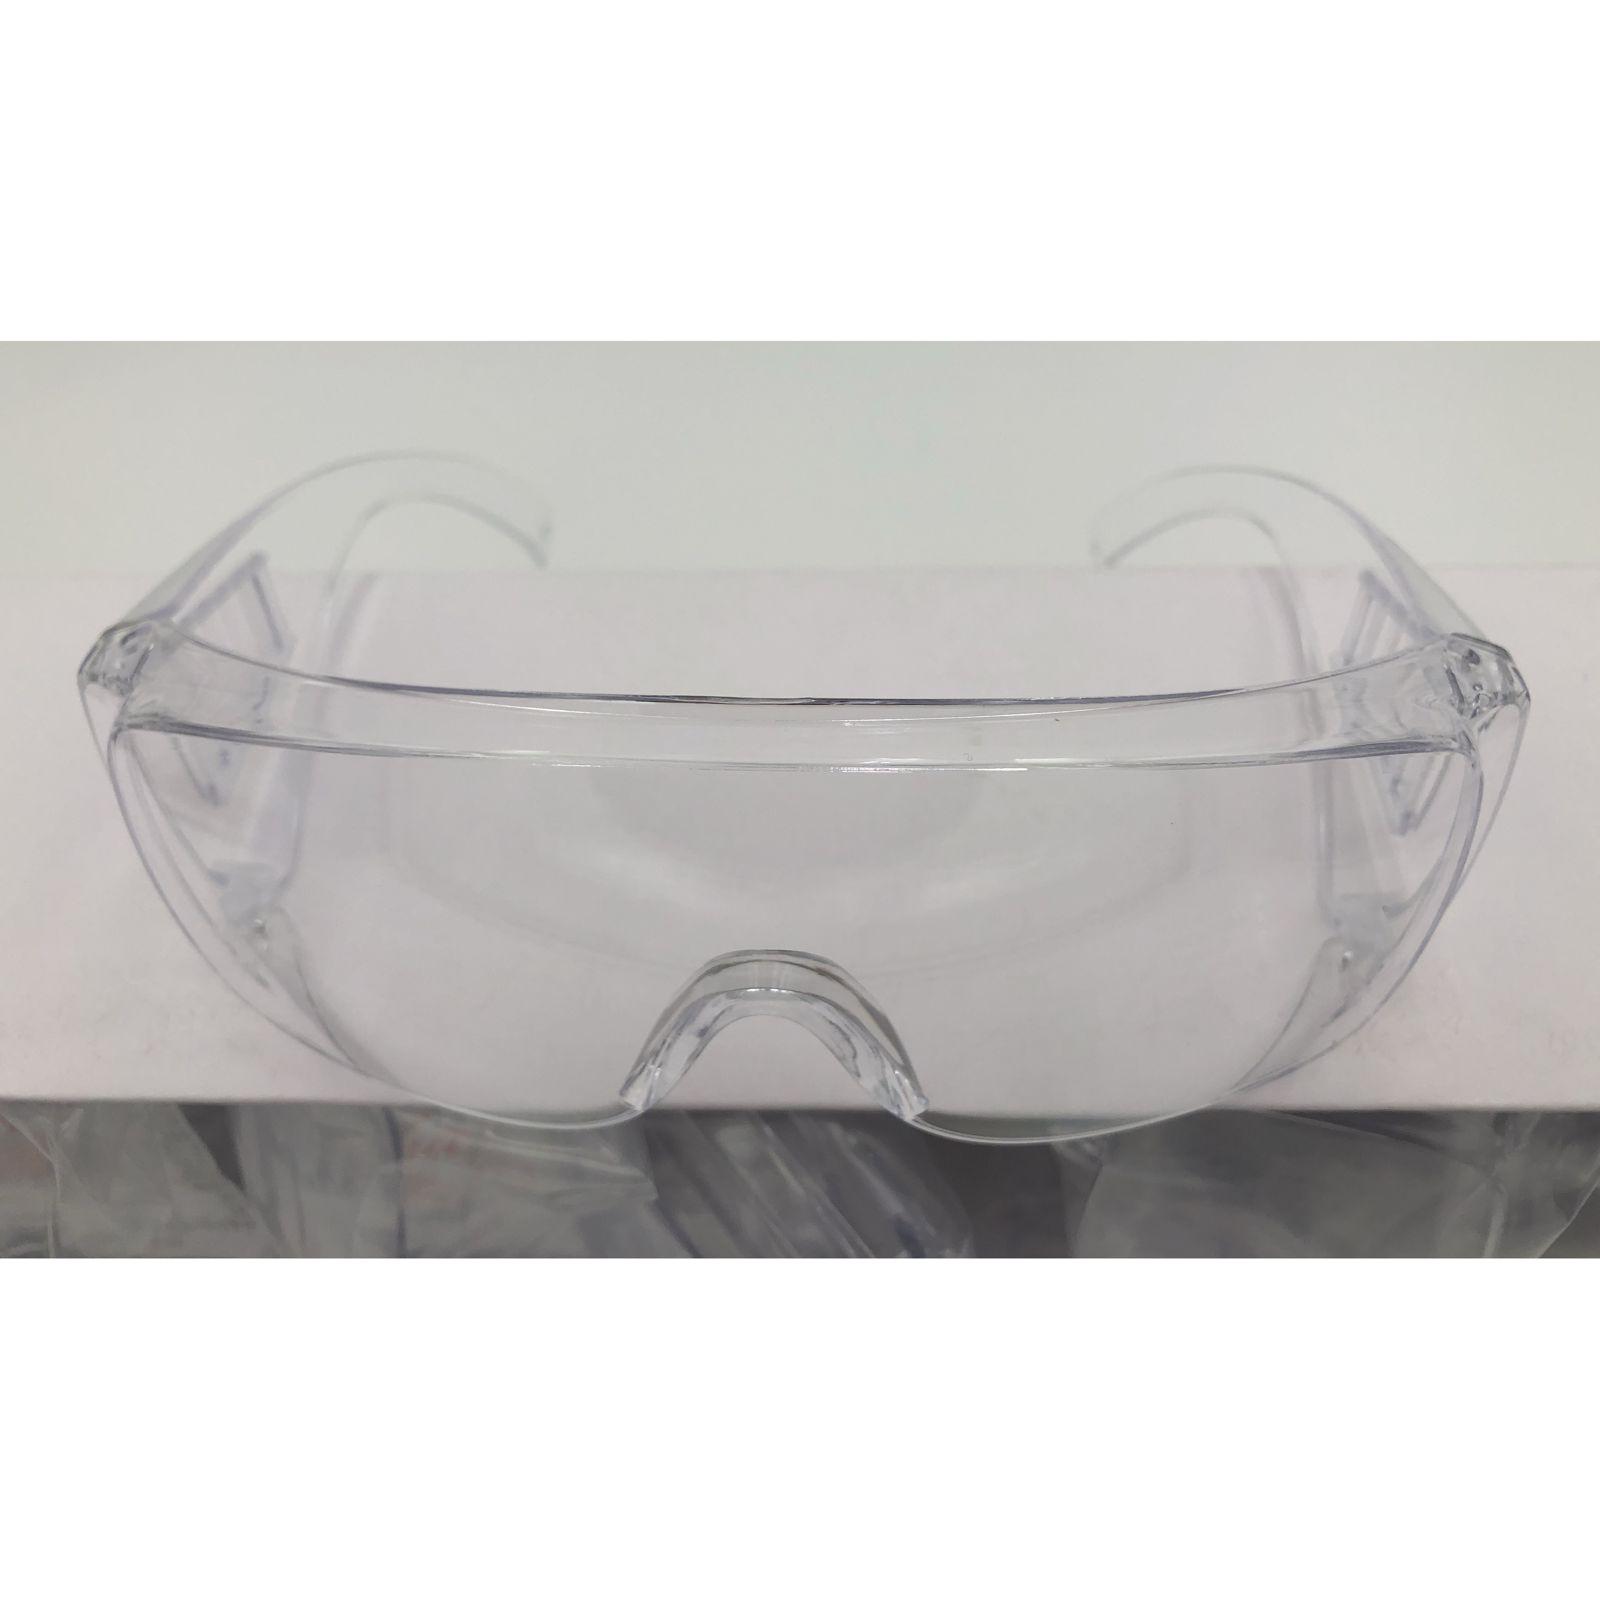 Vollsicht Schutzbrille Polycarbonat spritzfest schlagfest Antifog 100% UV Schutz